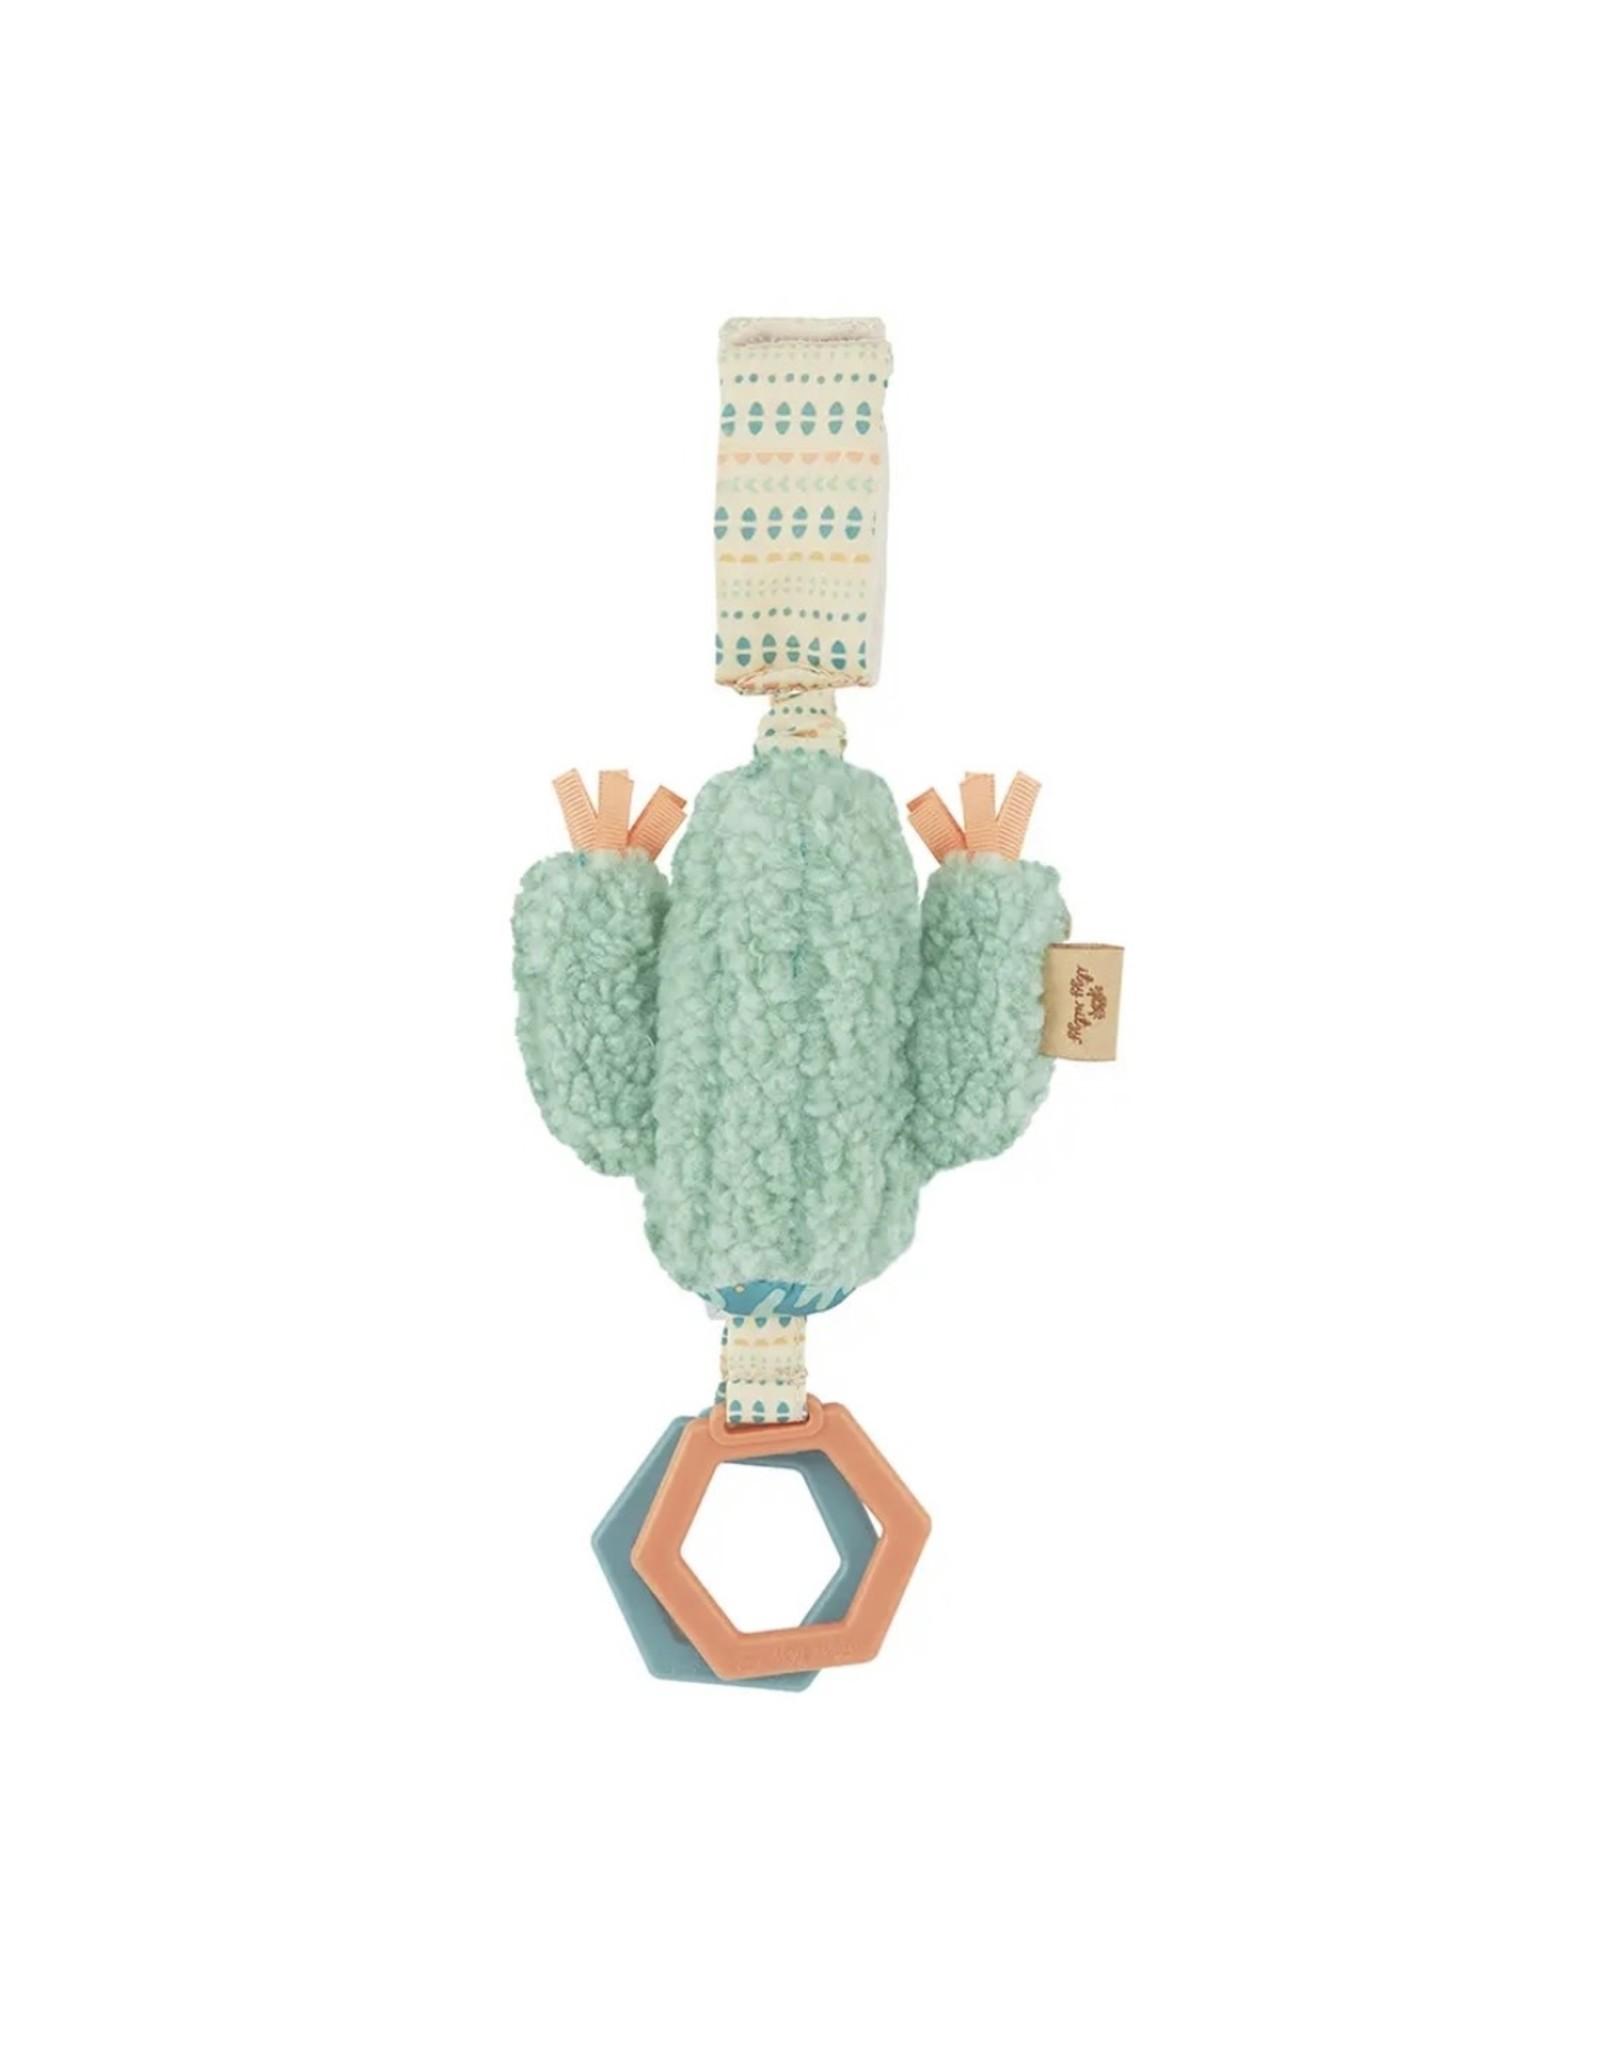 Itzy Ritzy Itzy Ritzy- Ritzy Jingle: Cactus